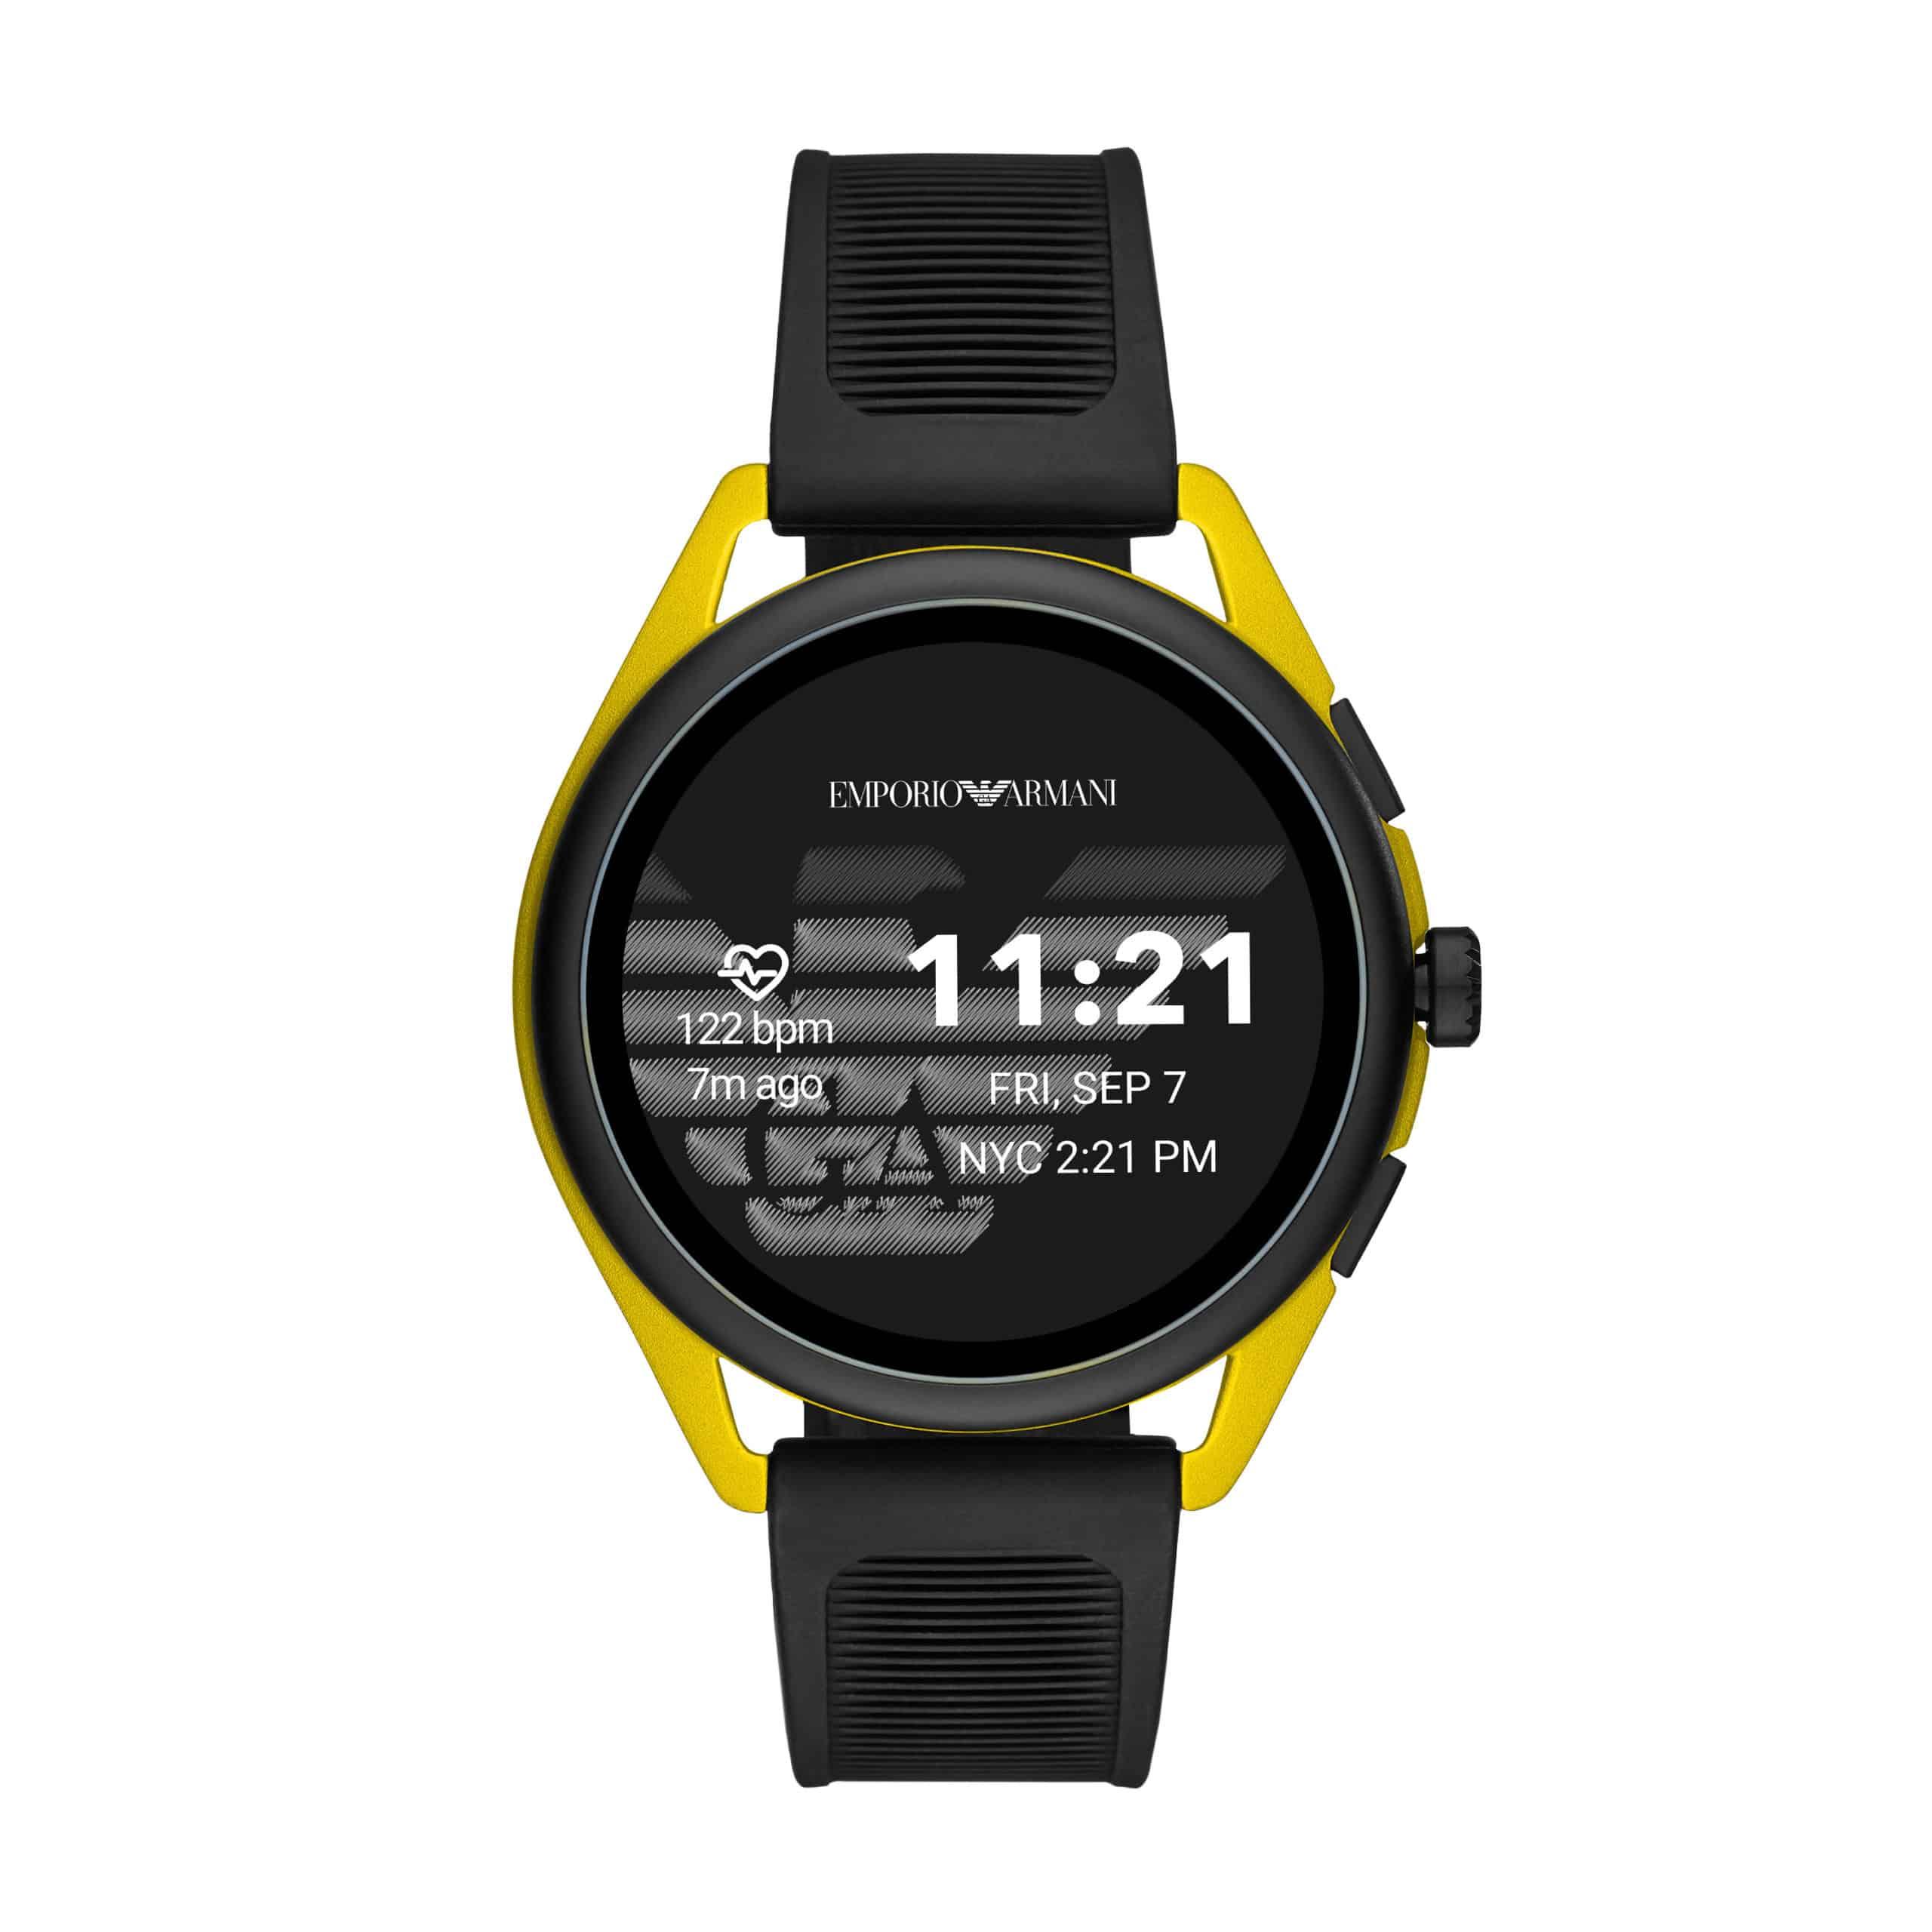 Emporio Armani Connected Smartwatch 3 2